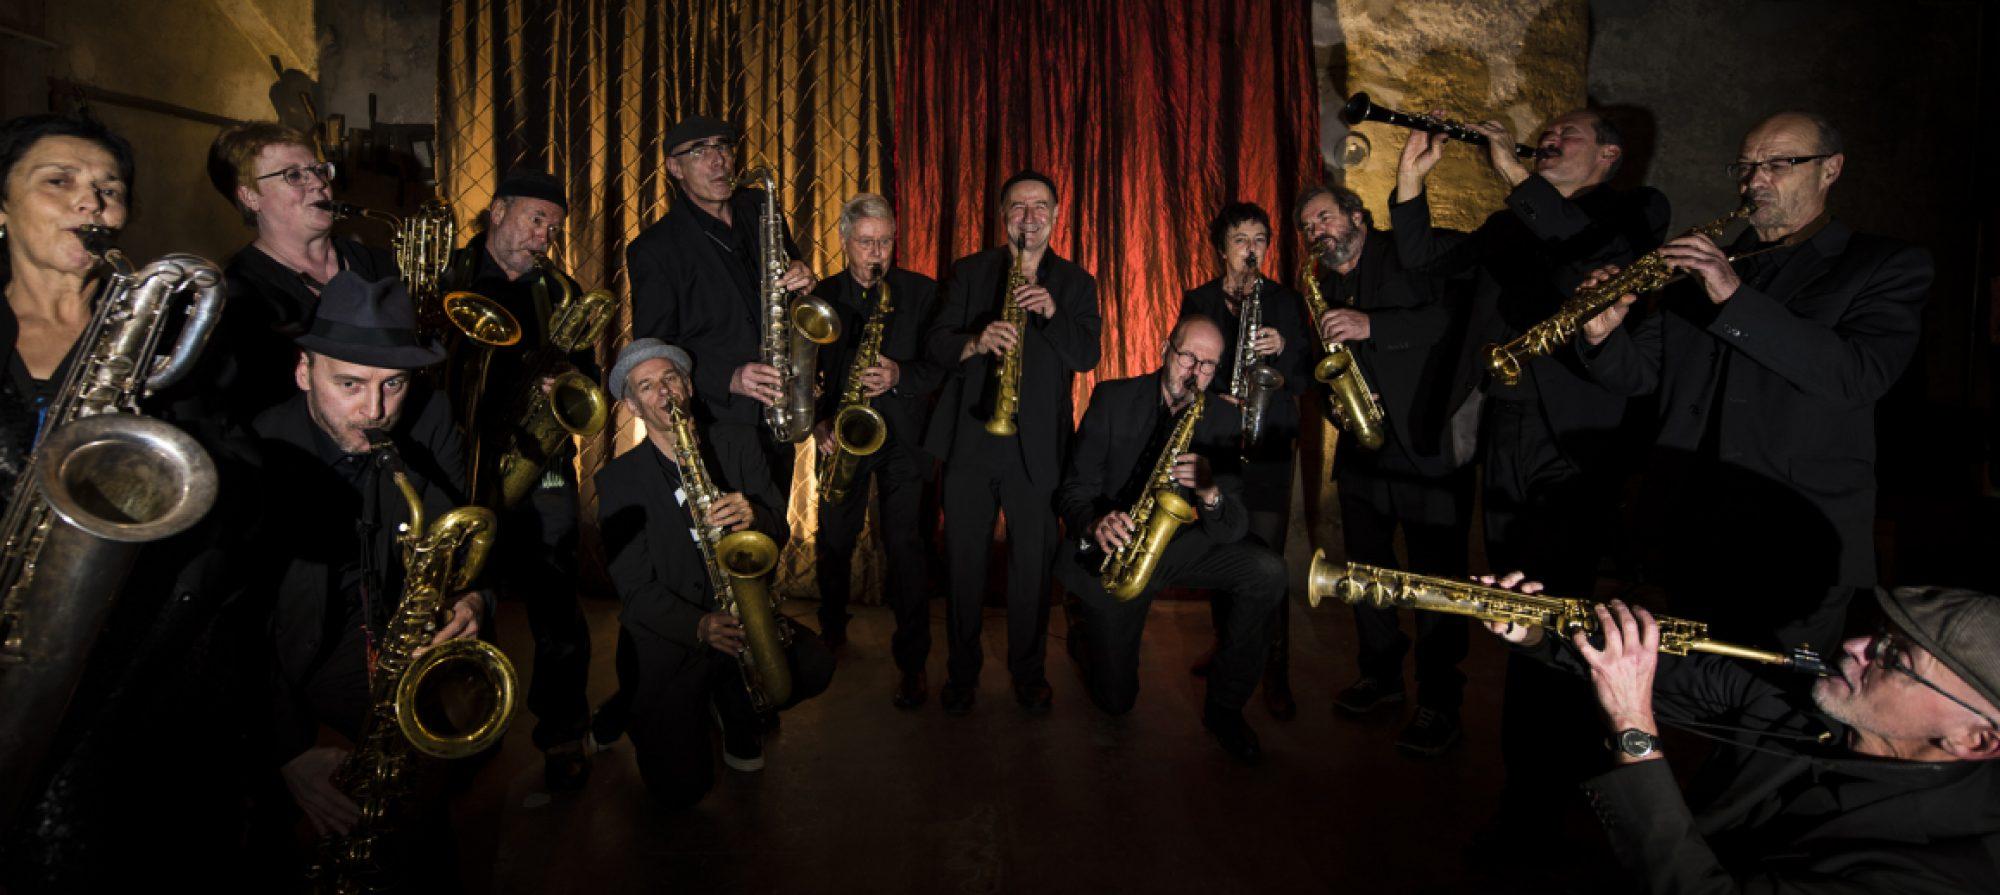 Les Saxofous